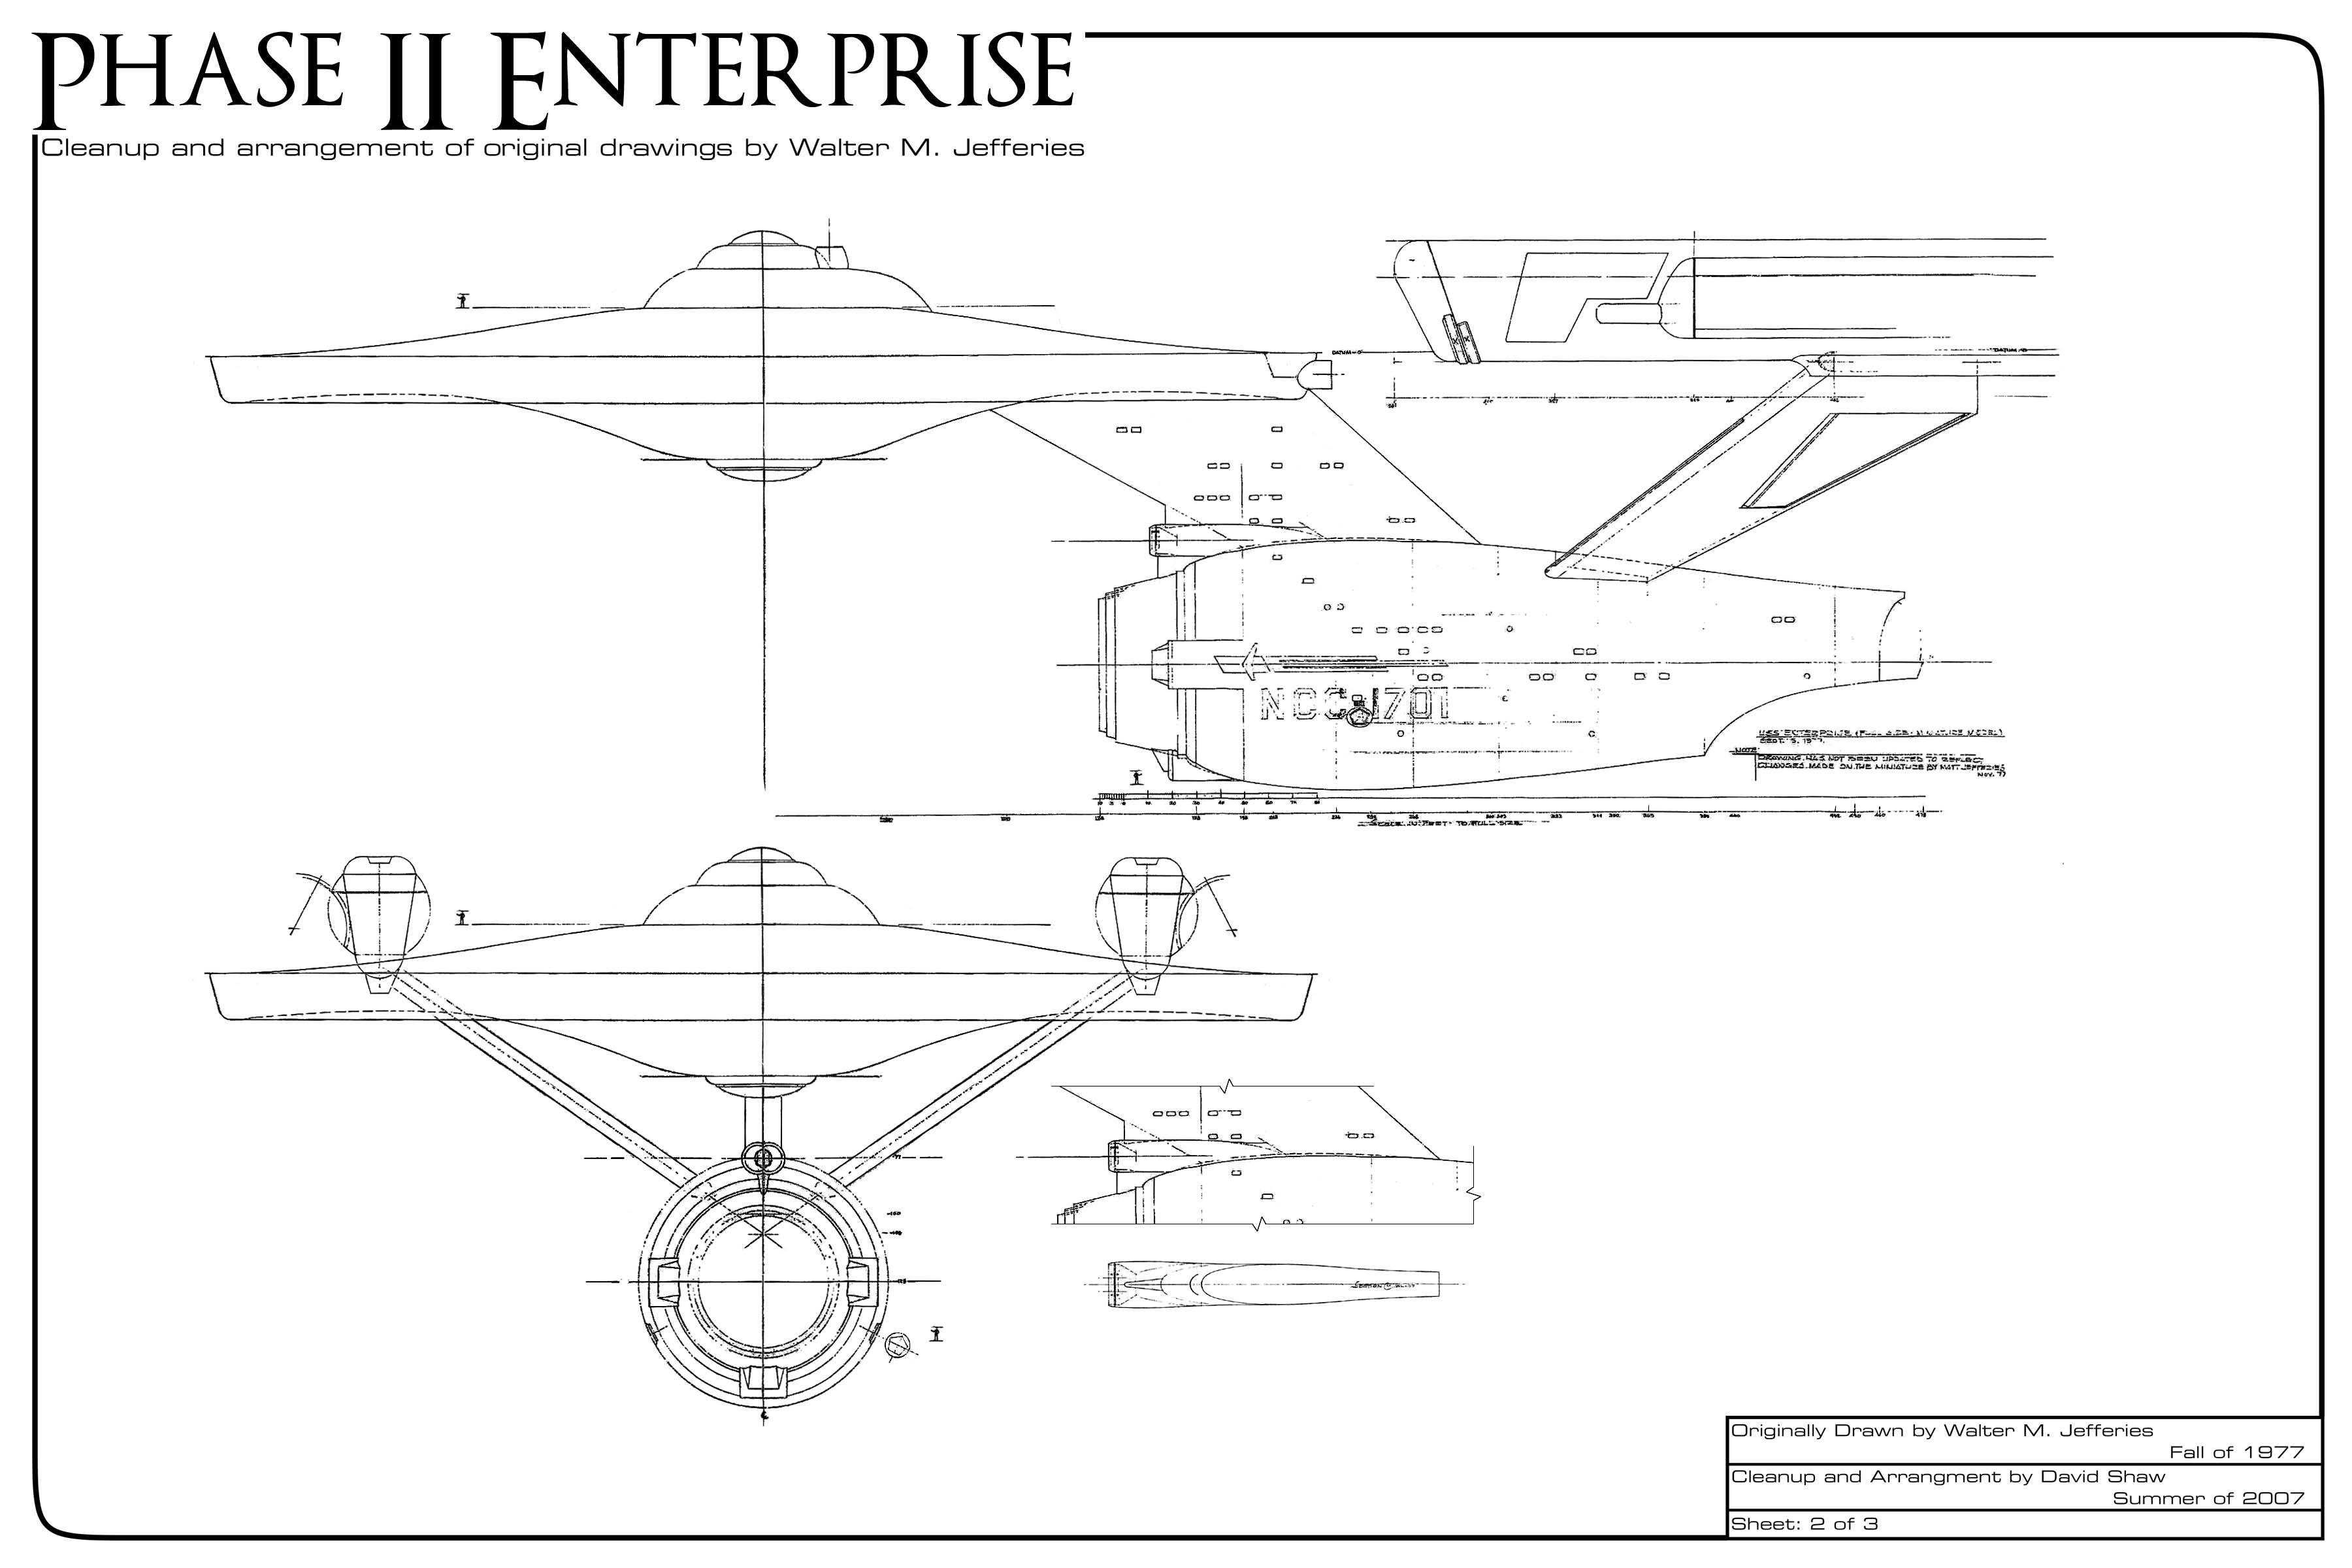 Star Trek Phase Ii Enterprise